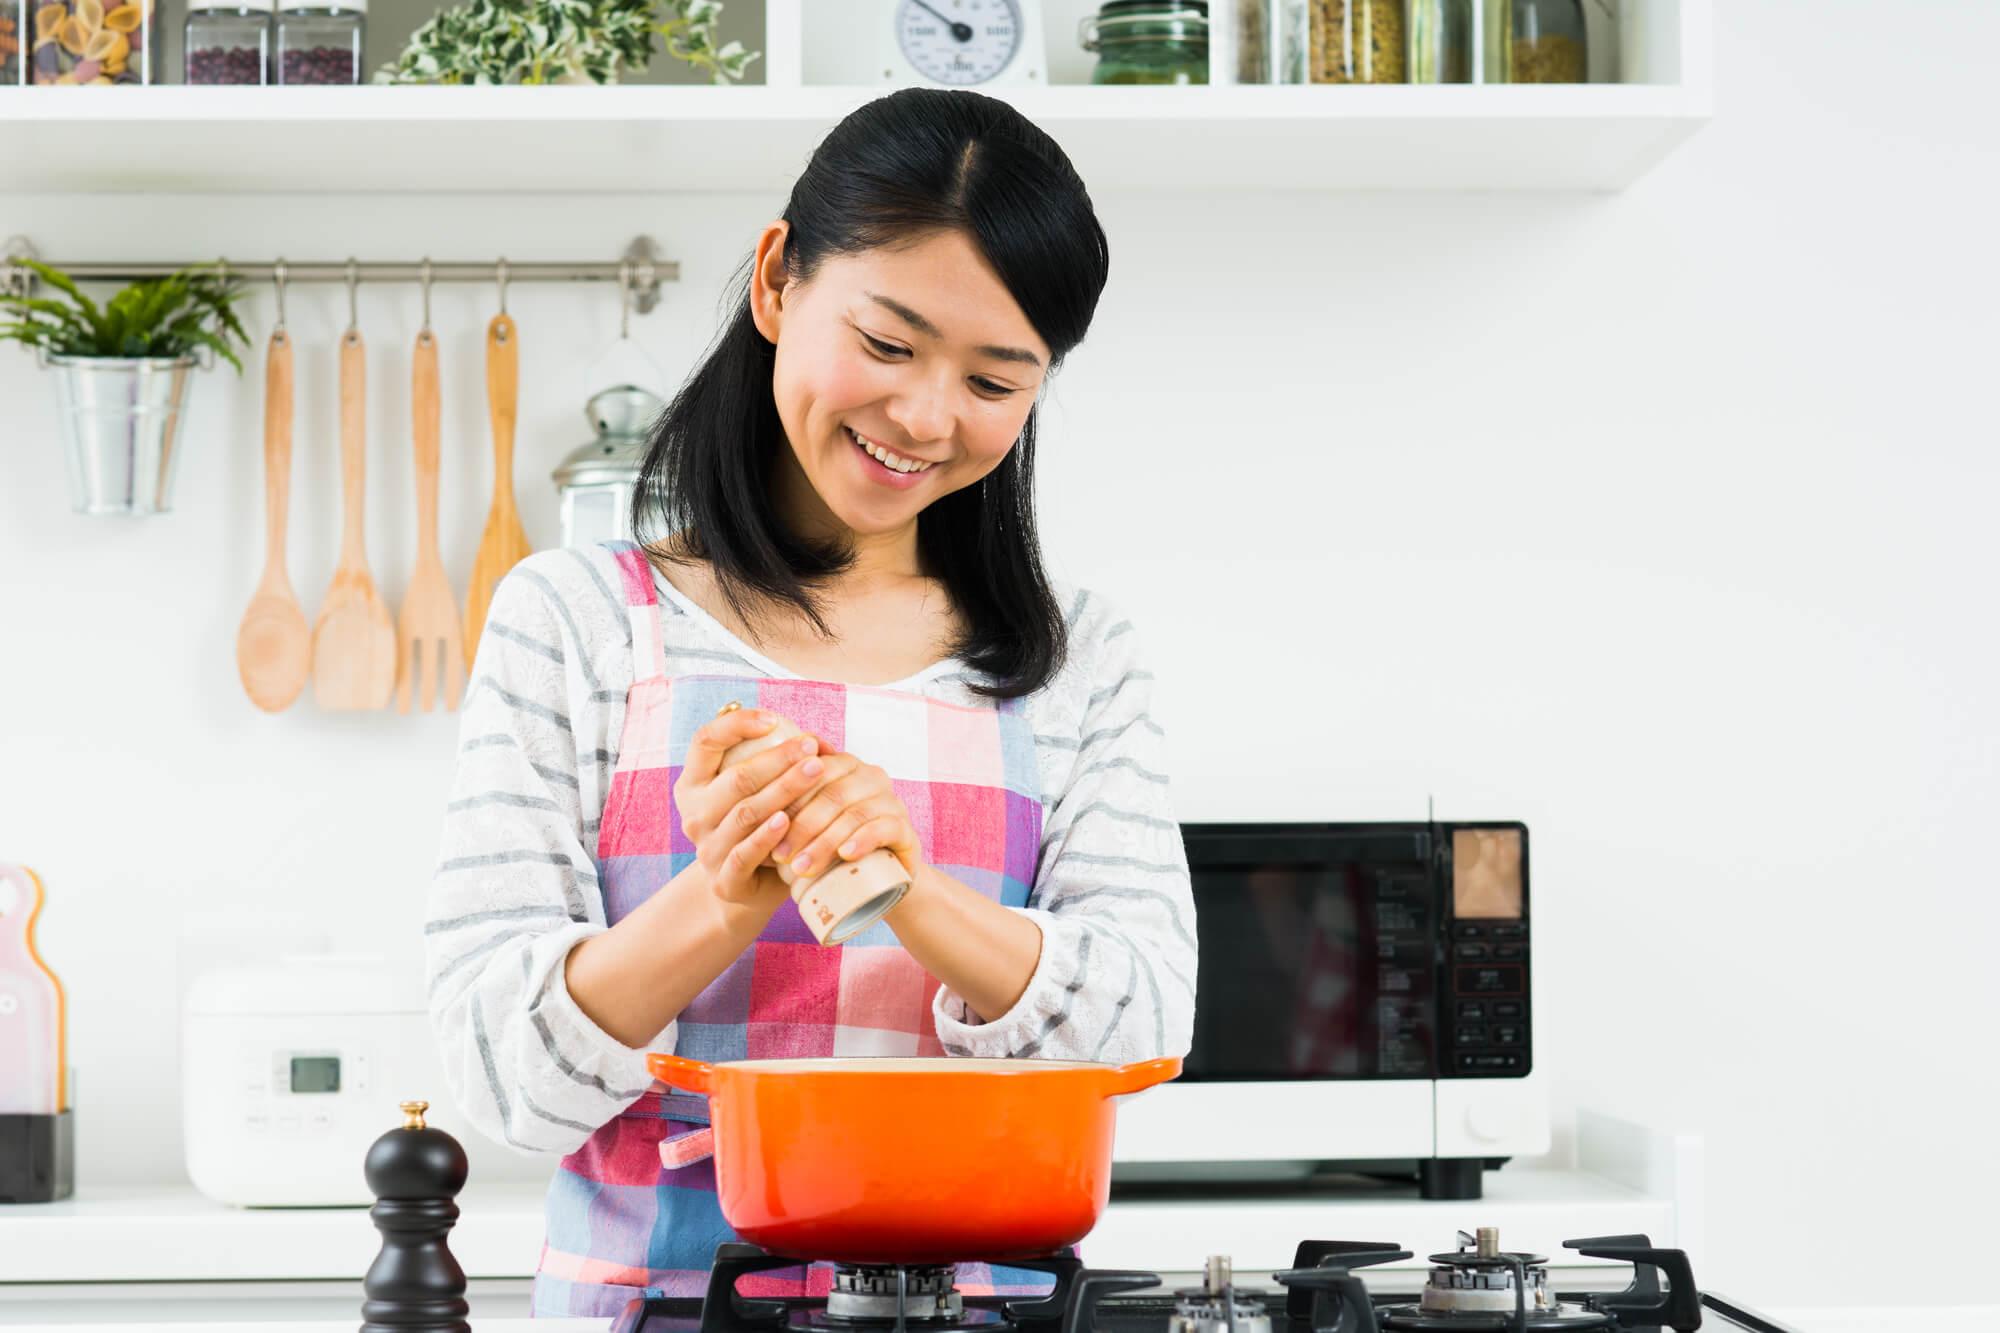 お肉柔らか!野菜鮮やか!クエン酸を使ったお肉と根菜のコトコト煮